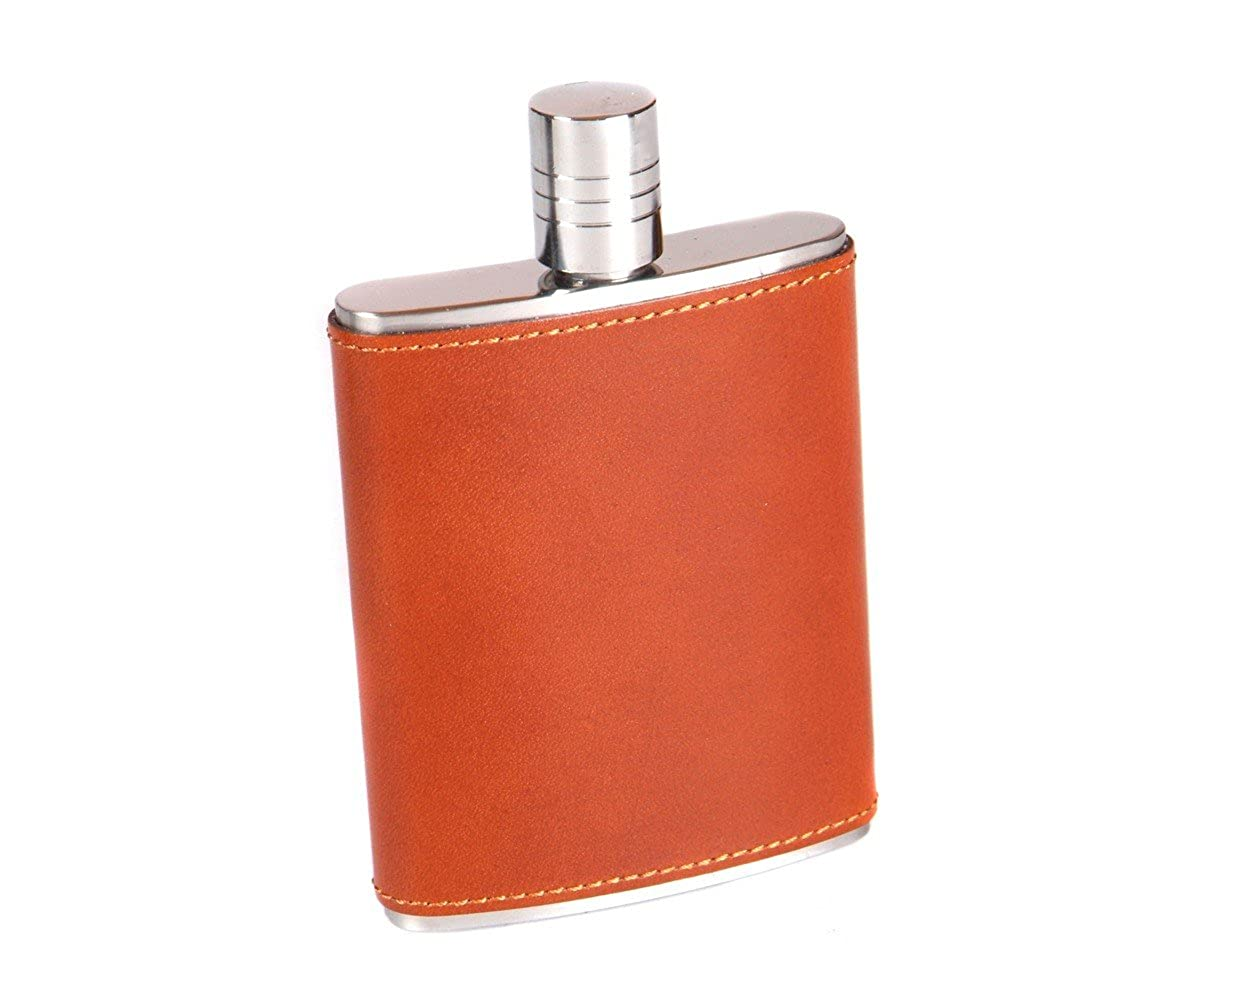 【爆買い!】 3oz B01N1538X0 Hip Havana Flask Tan Havana Tan B01N1538X0, クロマツナイチョウ:3b22a085 --- buyanyproducts.com